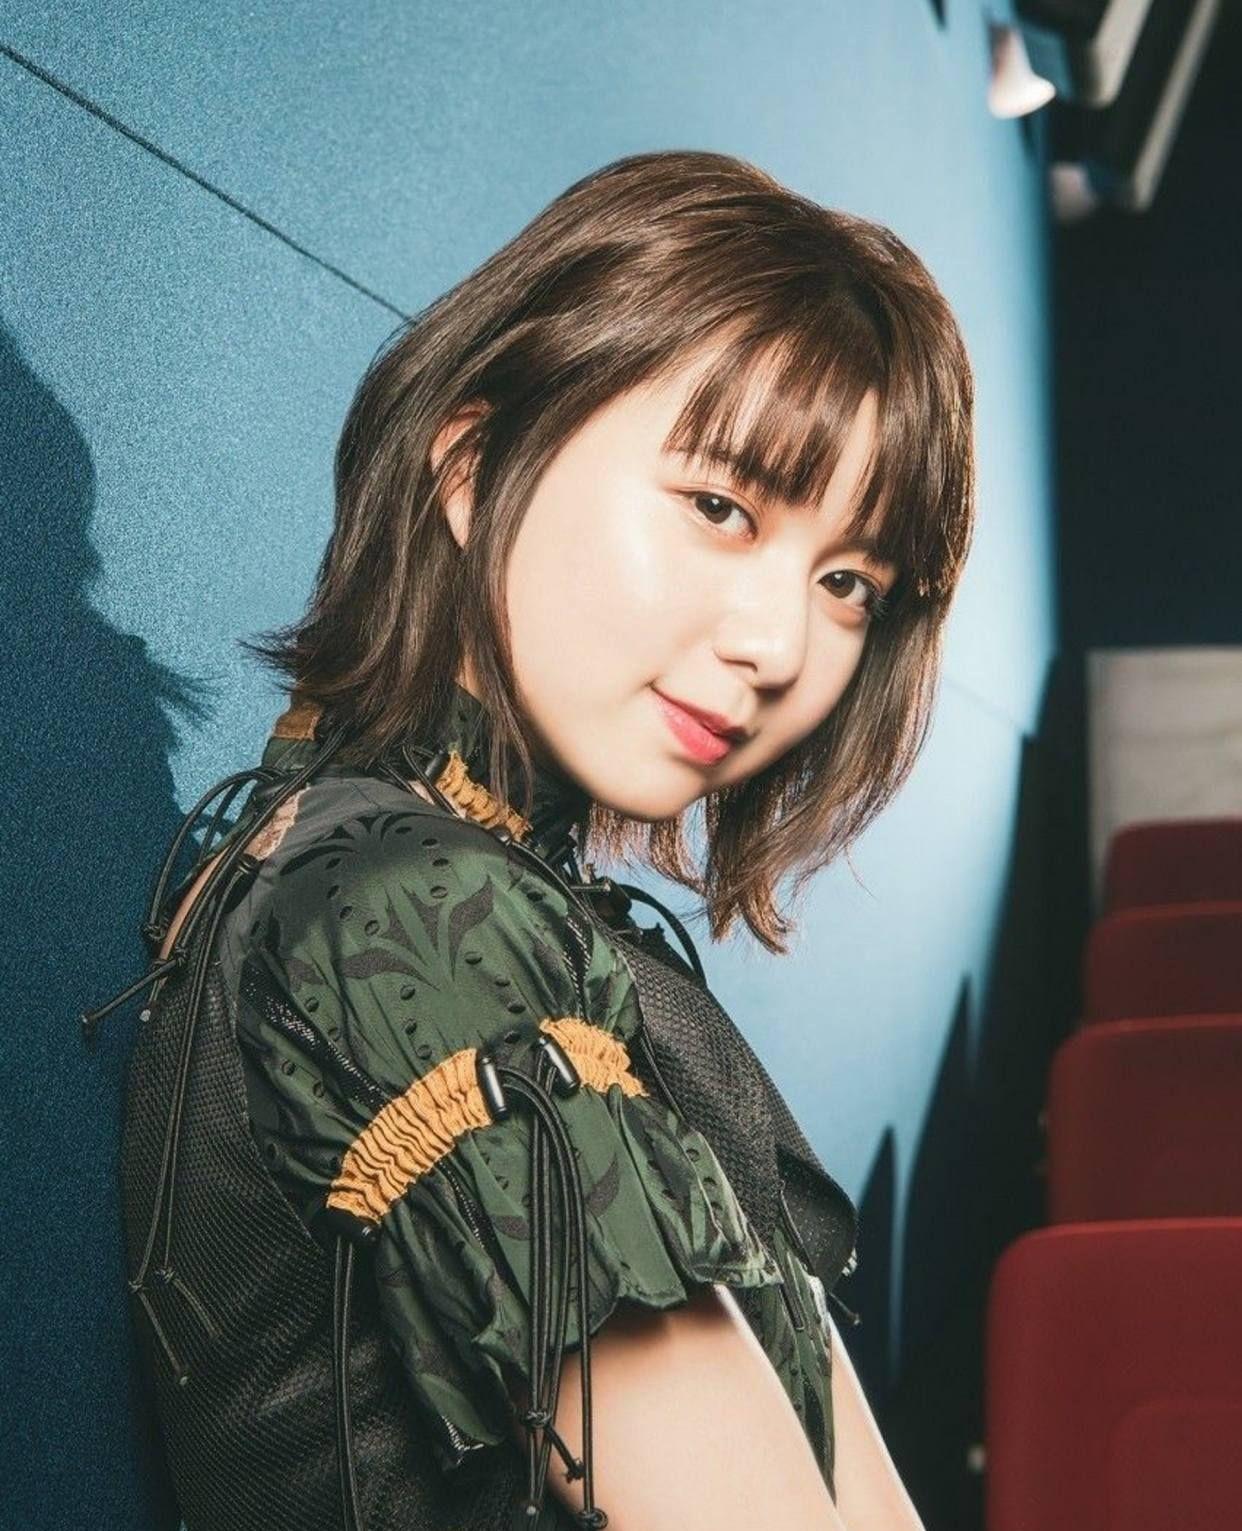 日本票选29岁以下最可爱女星,Top20桥本环奈、有村架纯上榜!